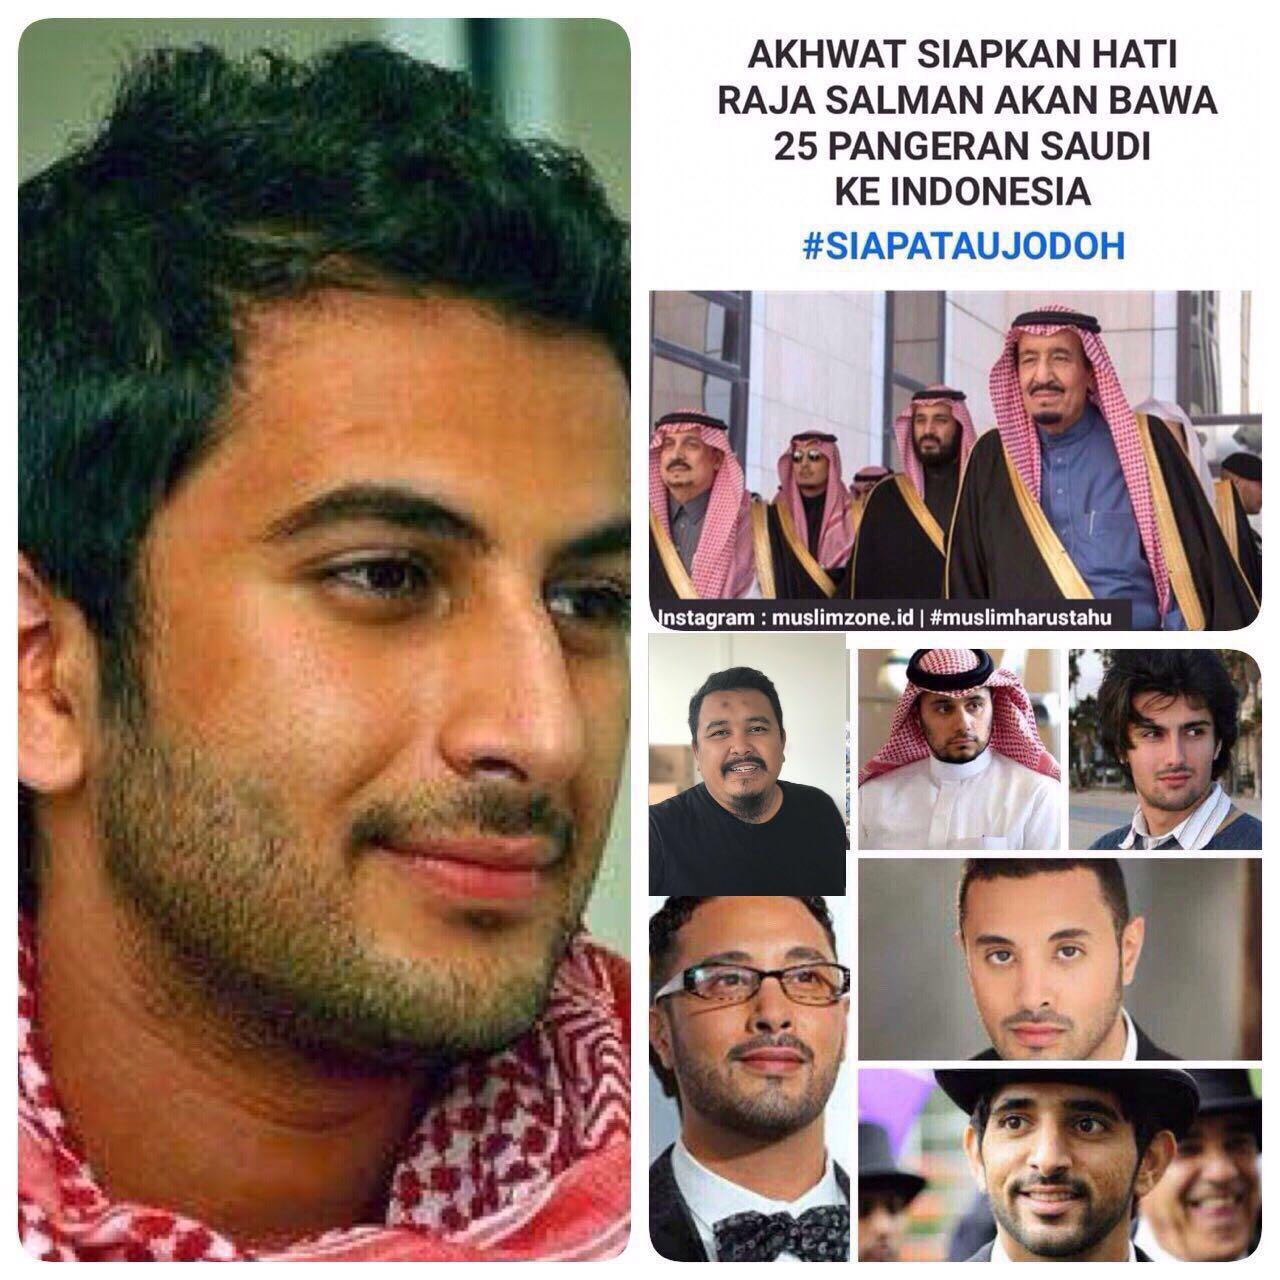 Kumpulan Meme Dan Humor Terkait Kedatangan Raja Salman Khsblog D